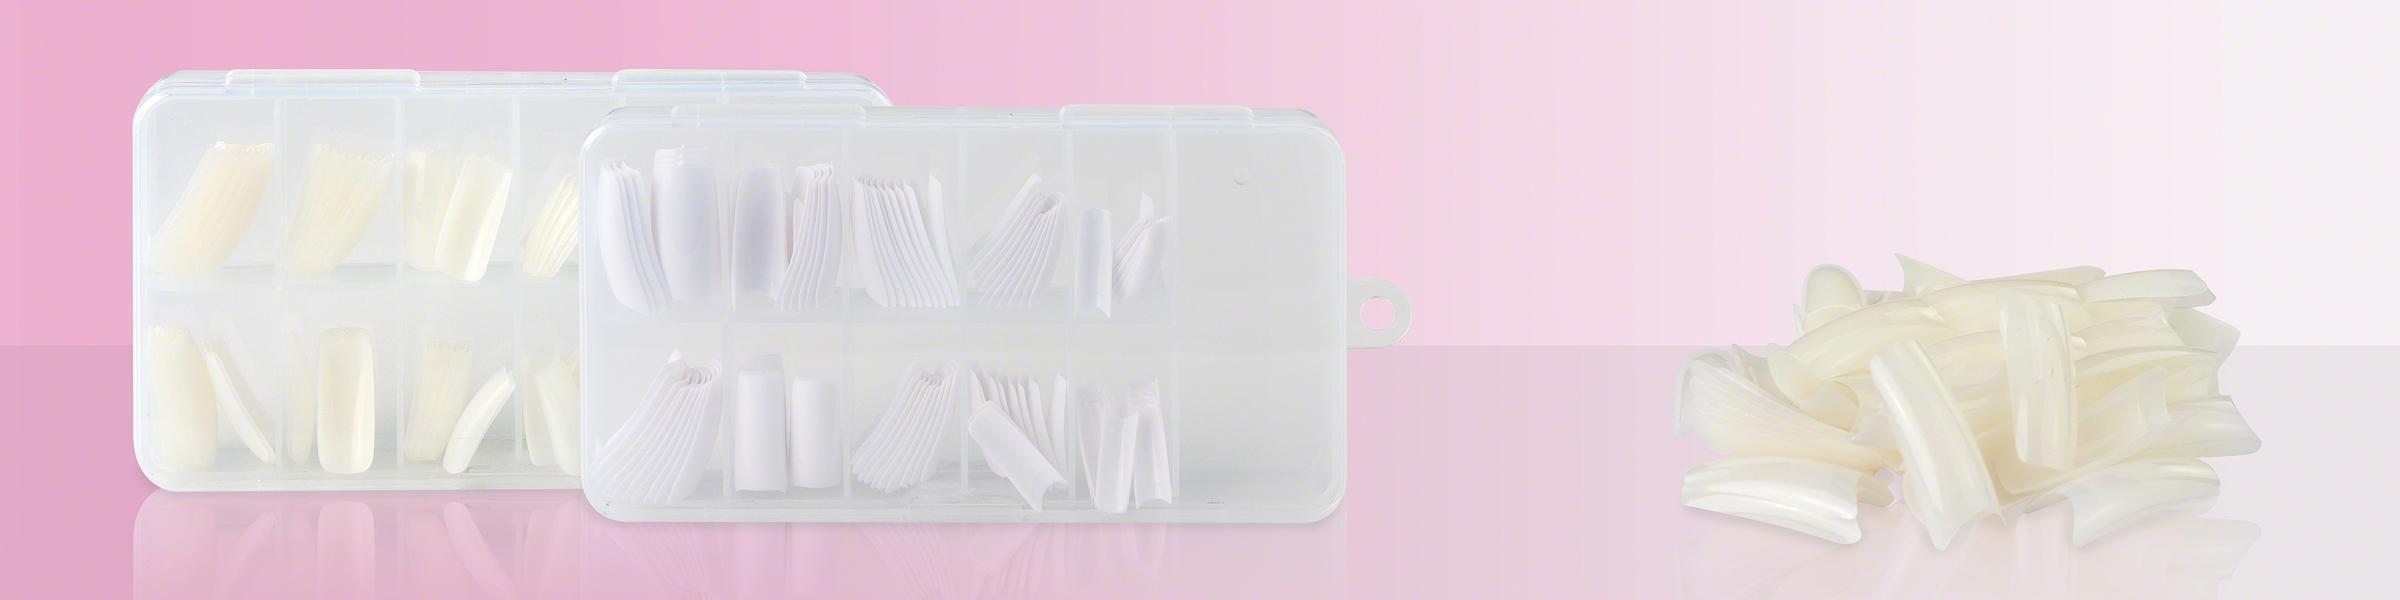 Nagel-Tip Boxen zum Sortieren günstig kaufen | 99nails